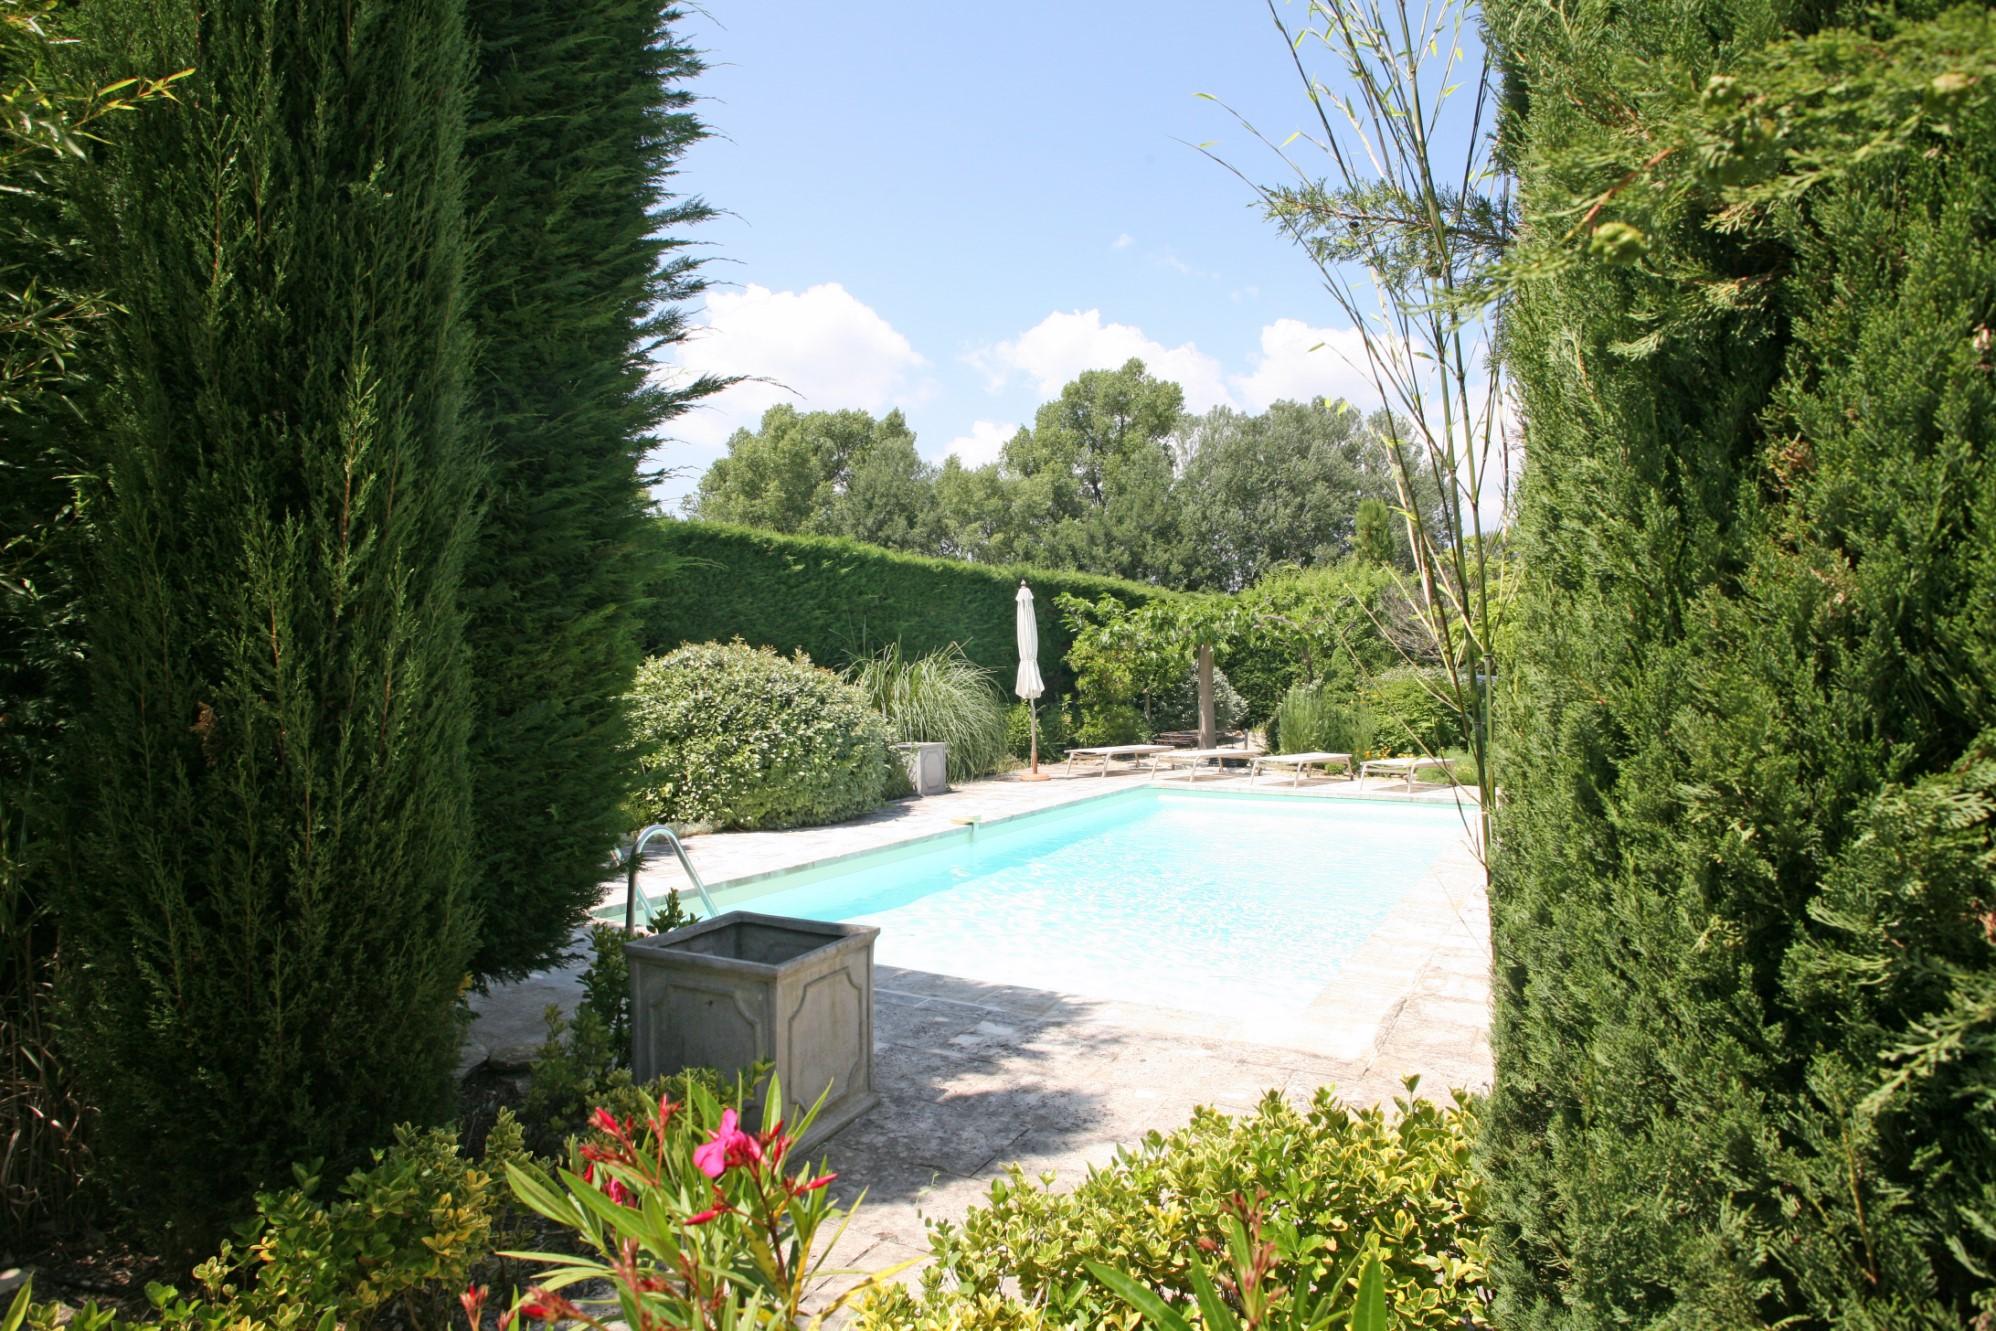 Ventes maison de hameau avec jardin et piscine vendre for Maison piscine jardin